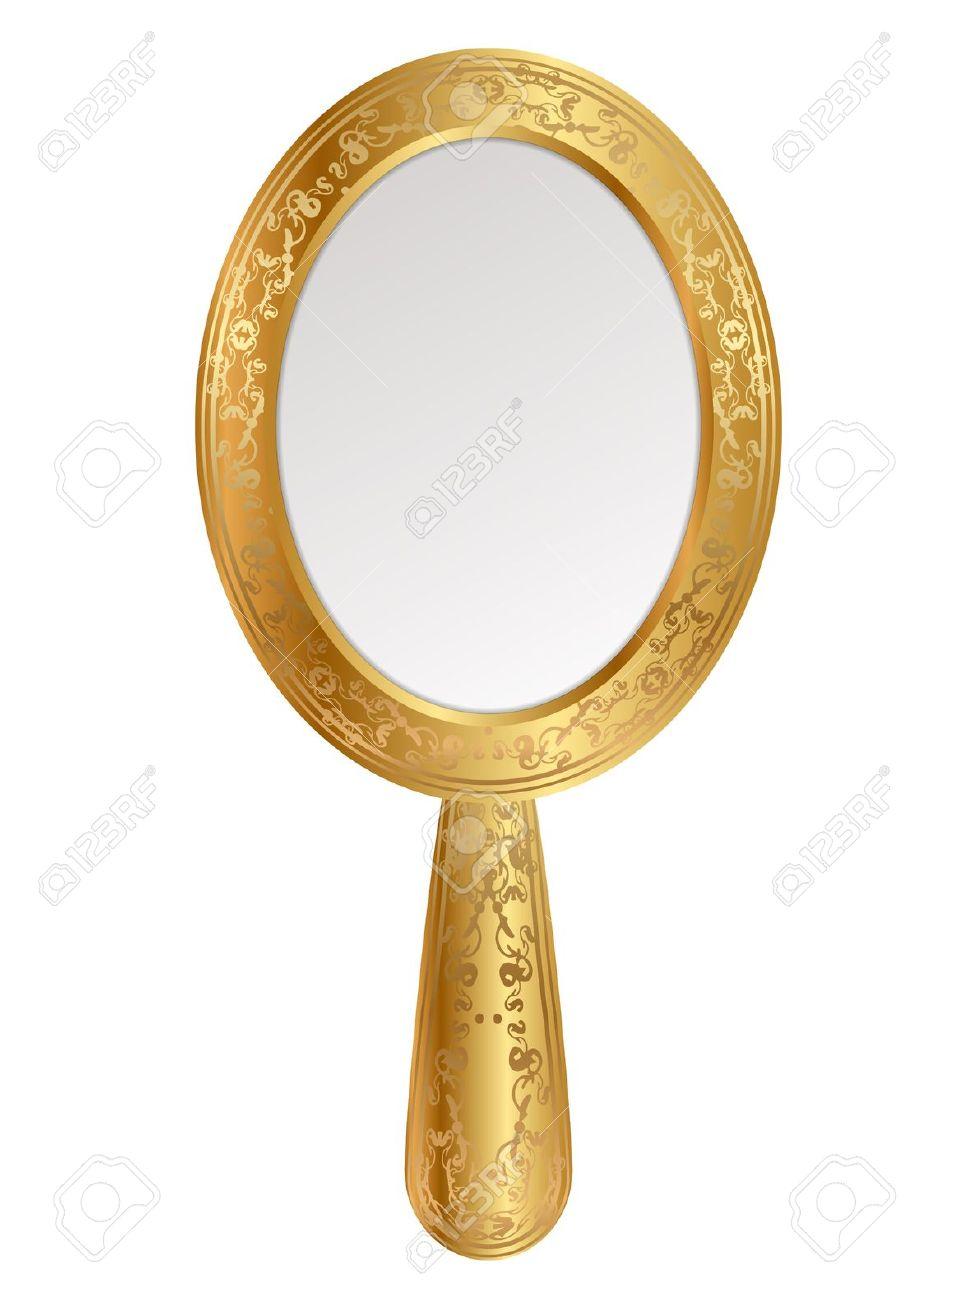 Vintage hand mirror clipart.